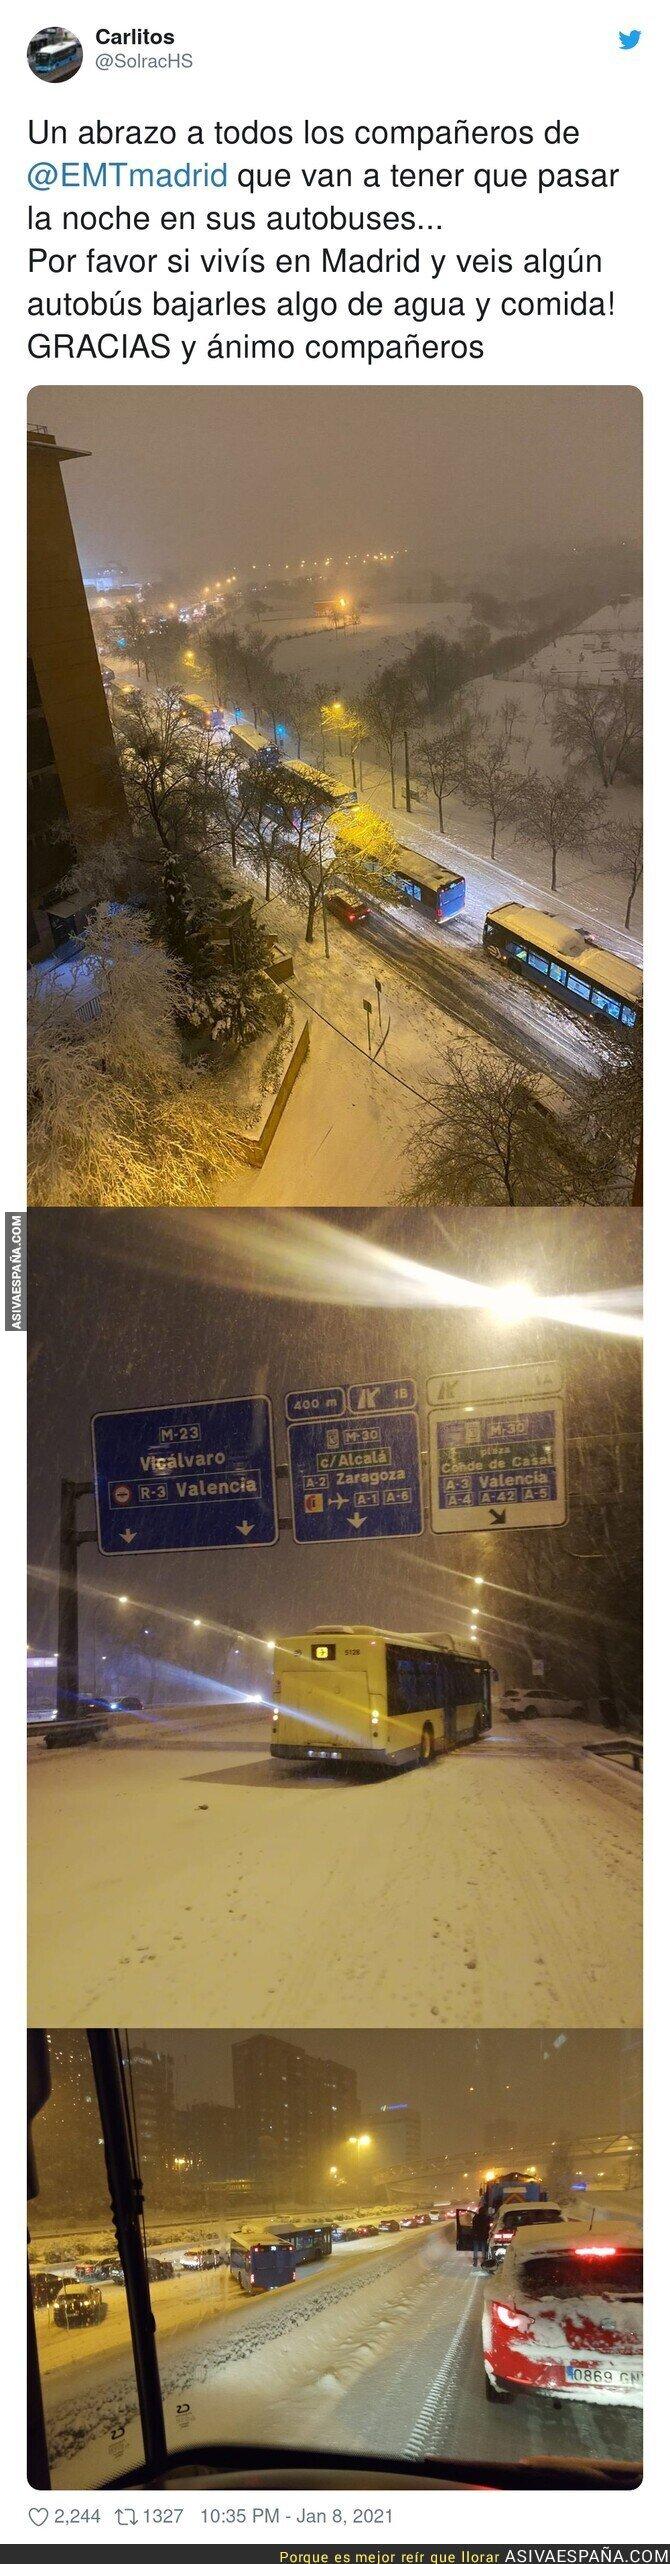 541161 - Así han pasado la noche muchos autobuses de Madrid